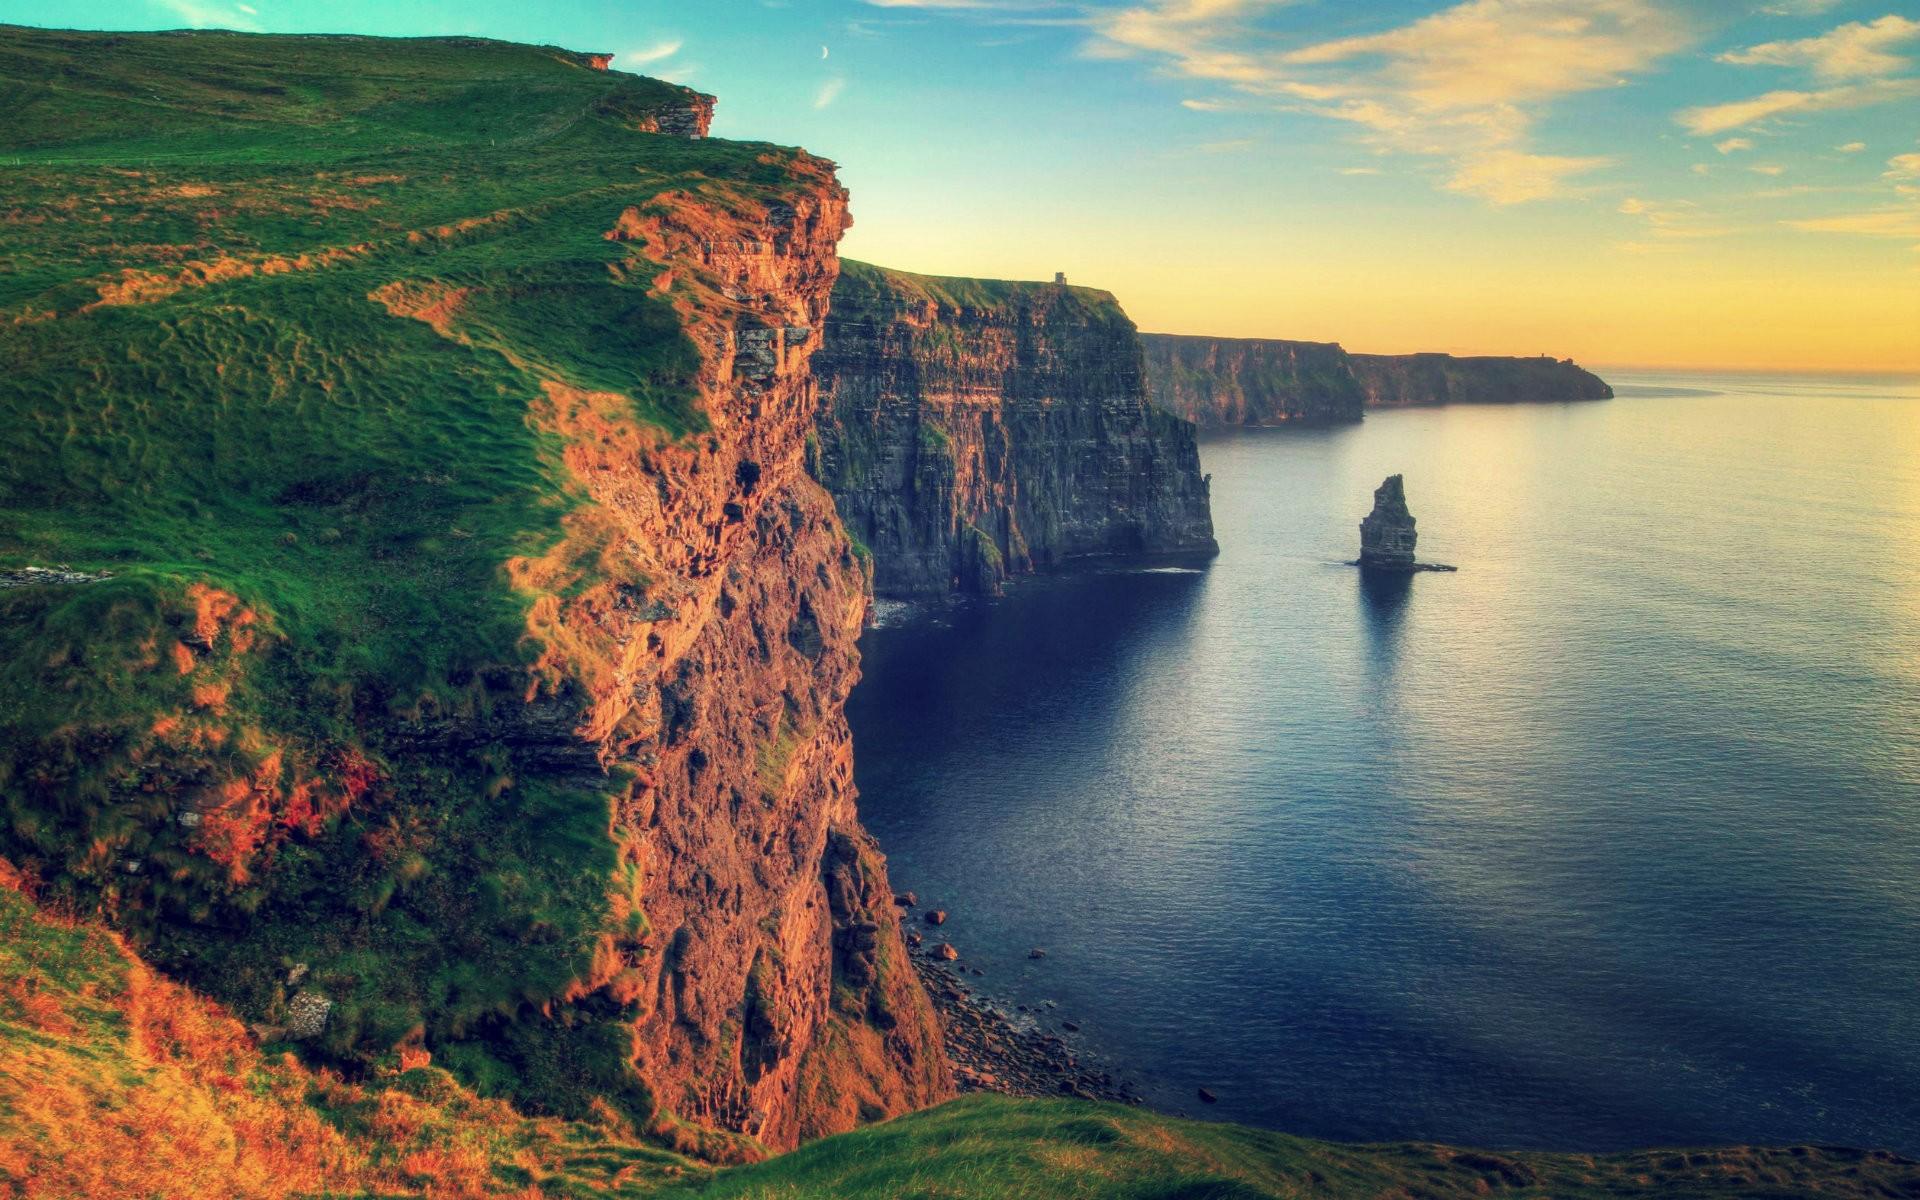 Download Ireland Wallpapers 1920x1200